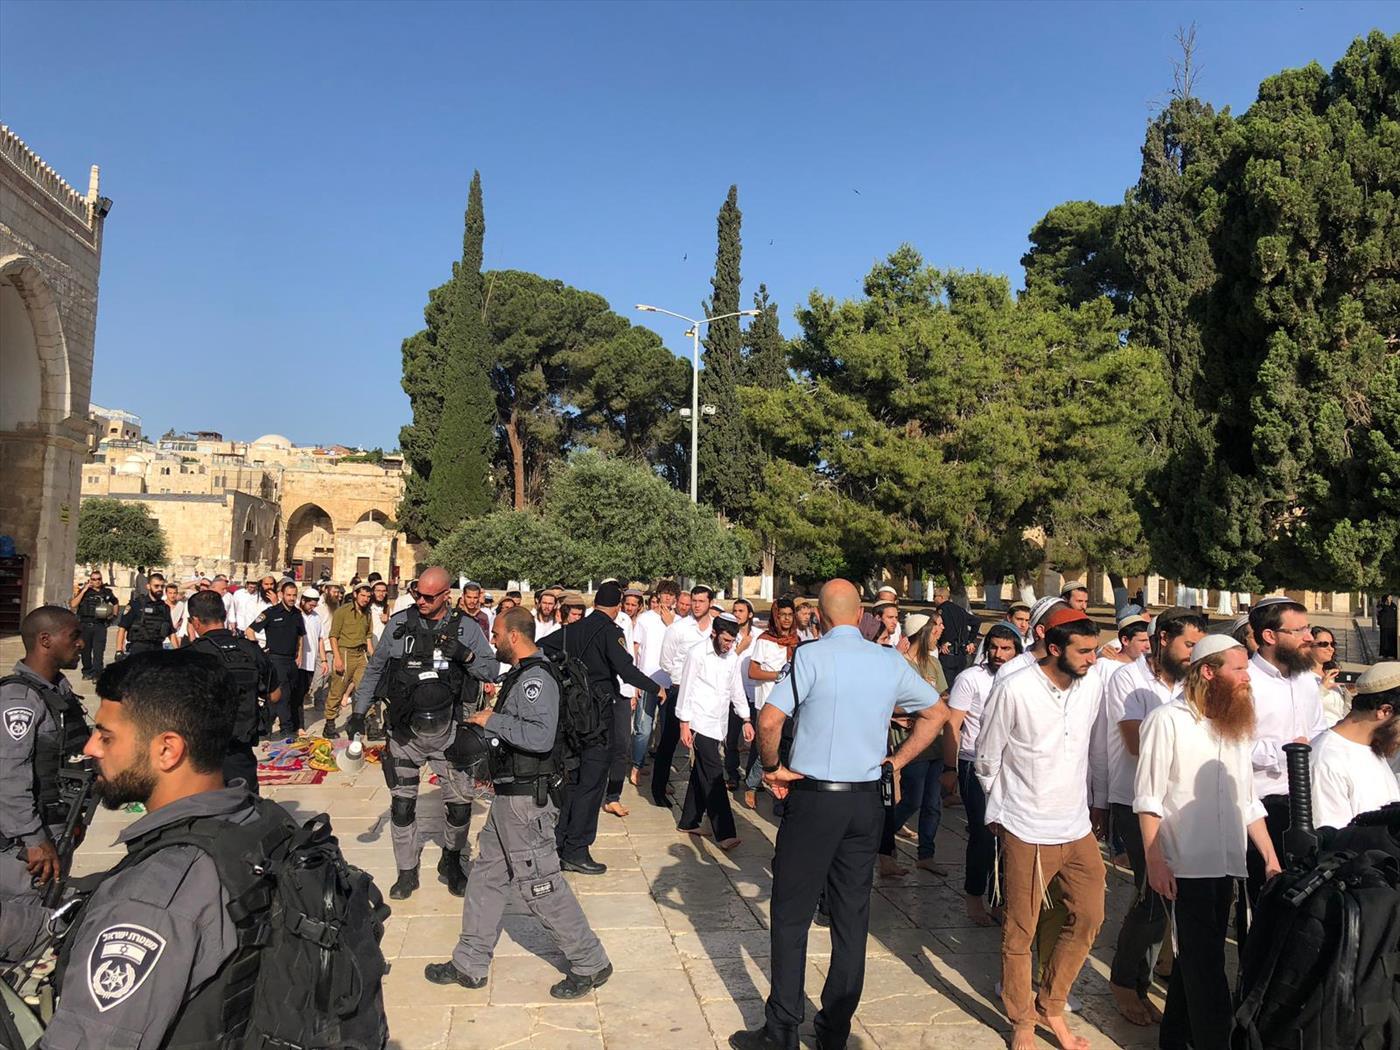 יהודים בהר הבית ביום ירושלים, בשנה שעברה  (משטרת ישראל)